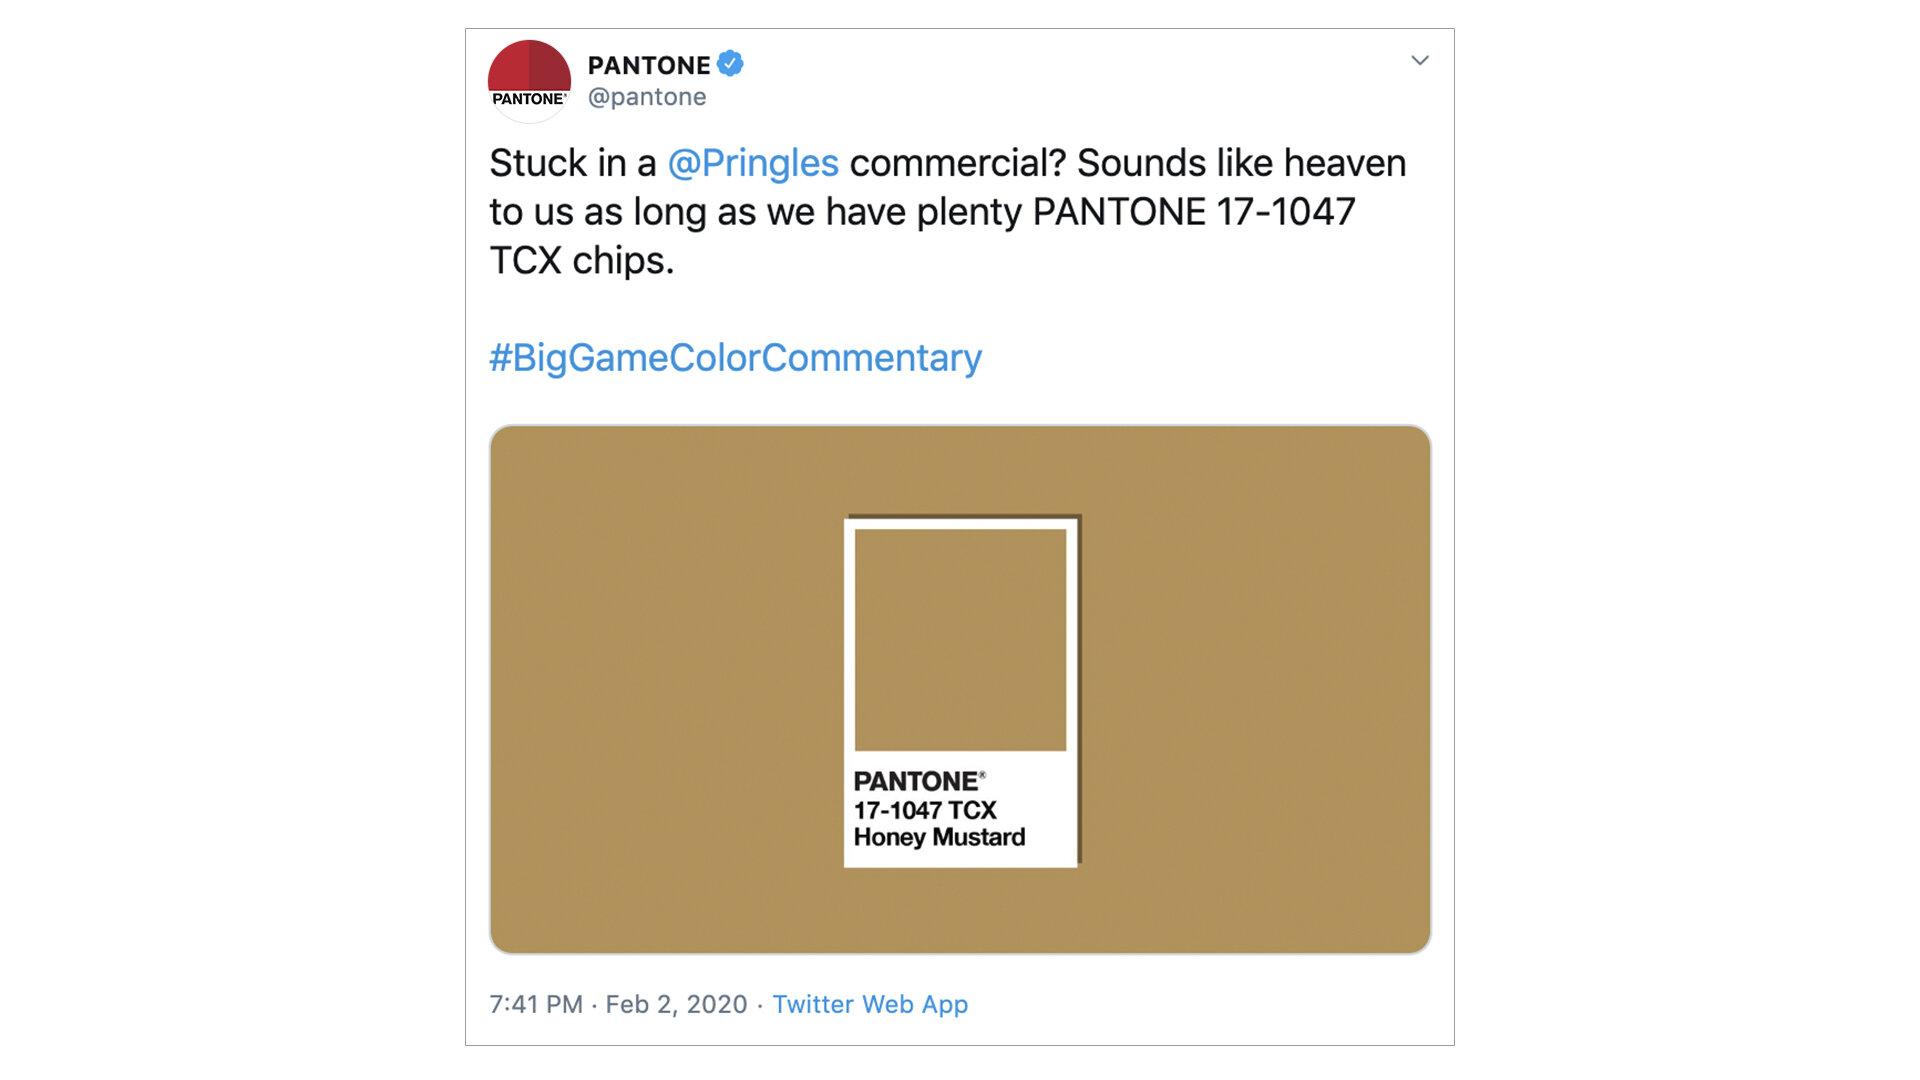 PANTONE_Brands_Pringles